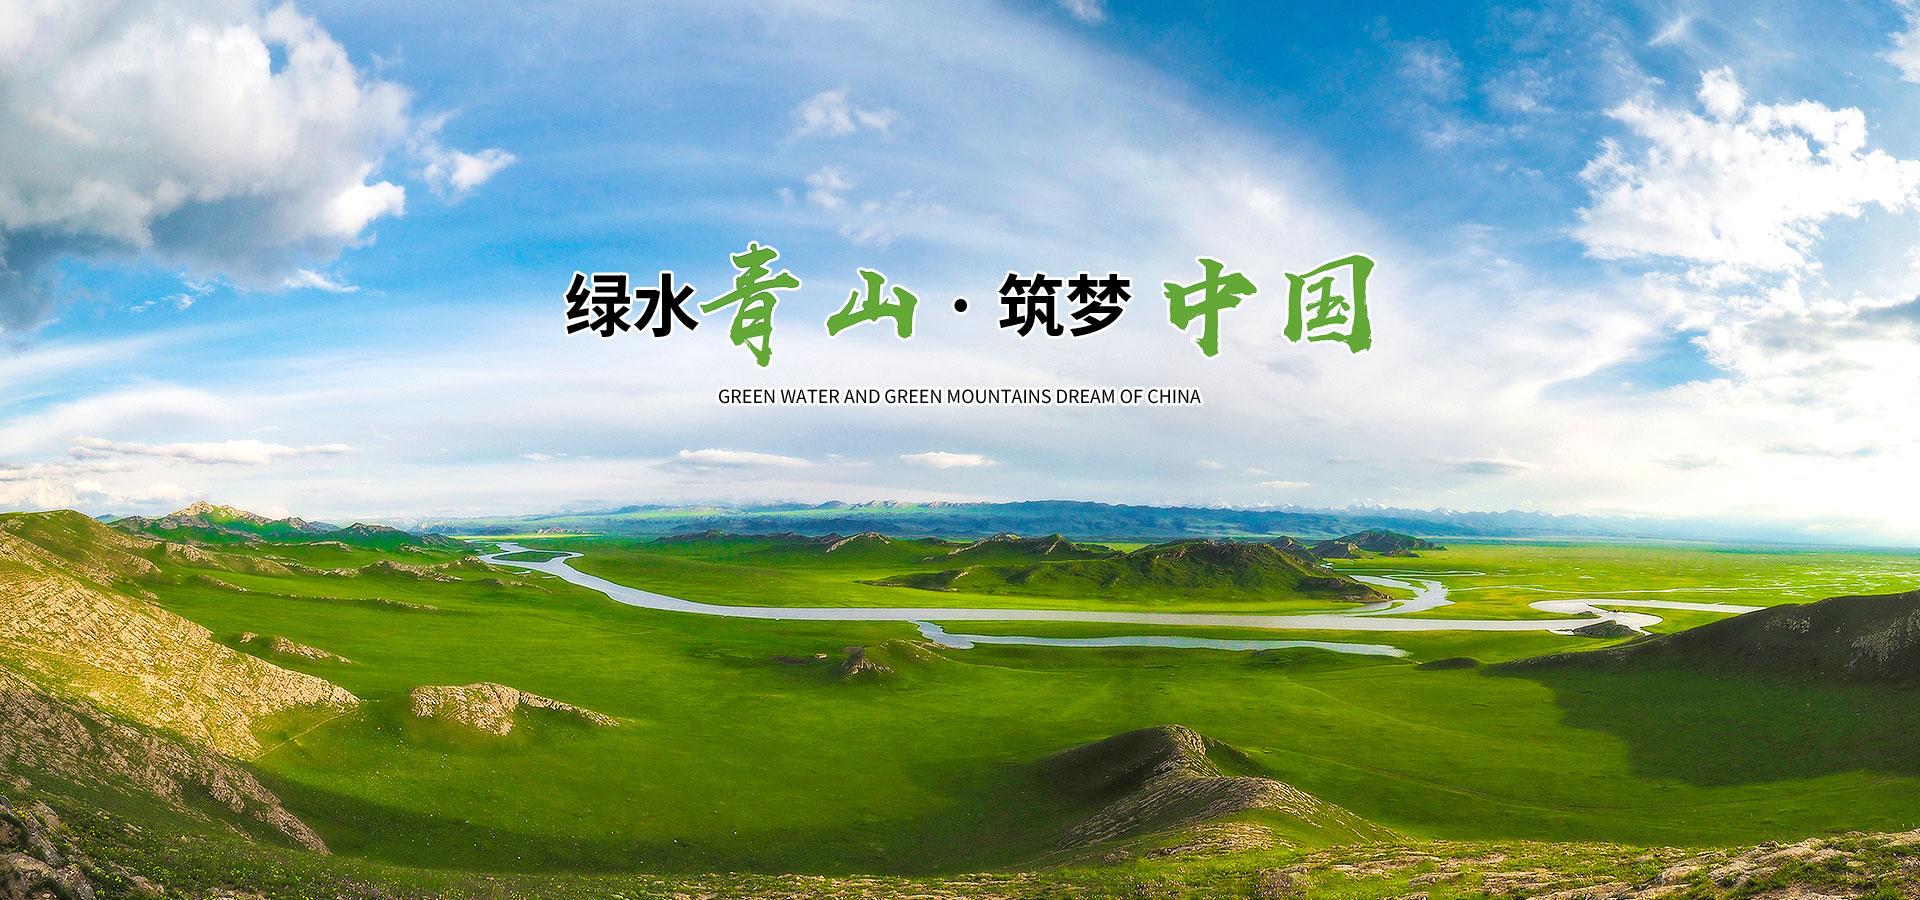 綠樹青山·筑夢中國